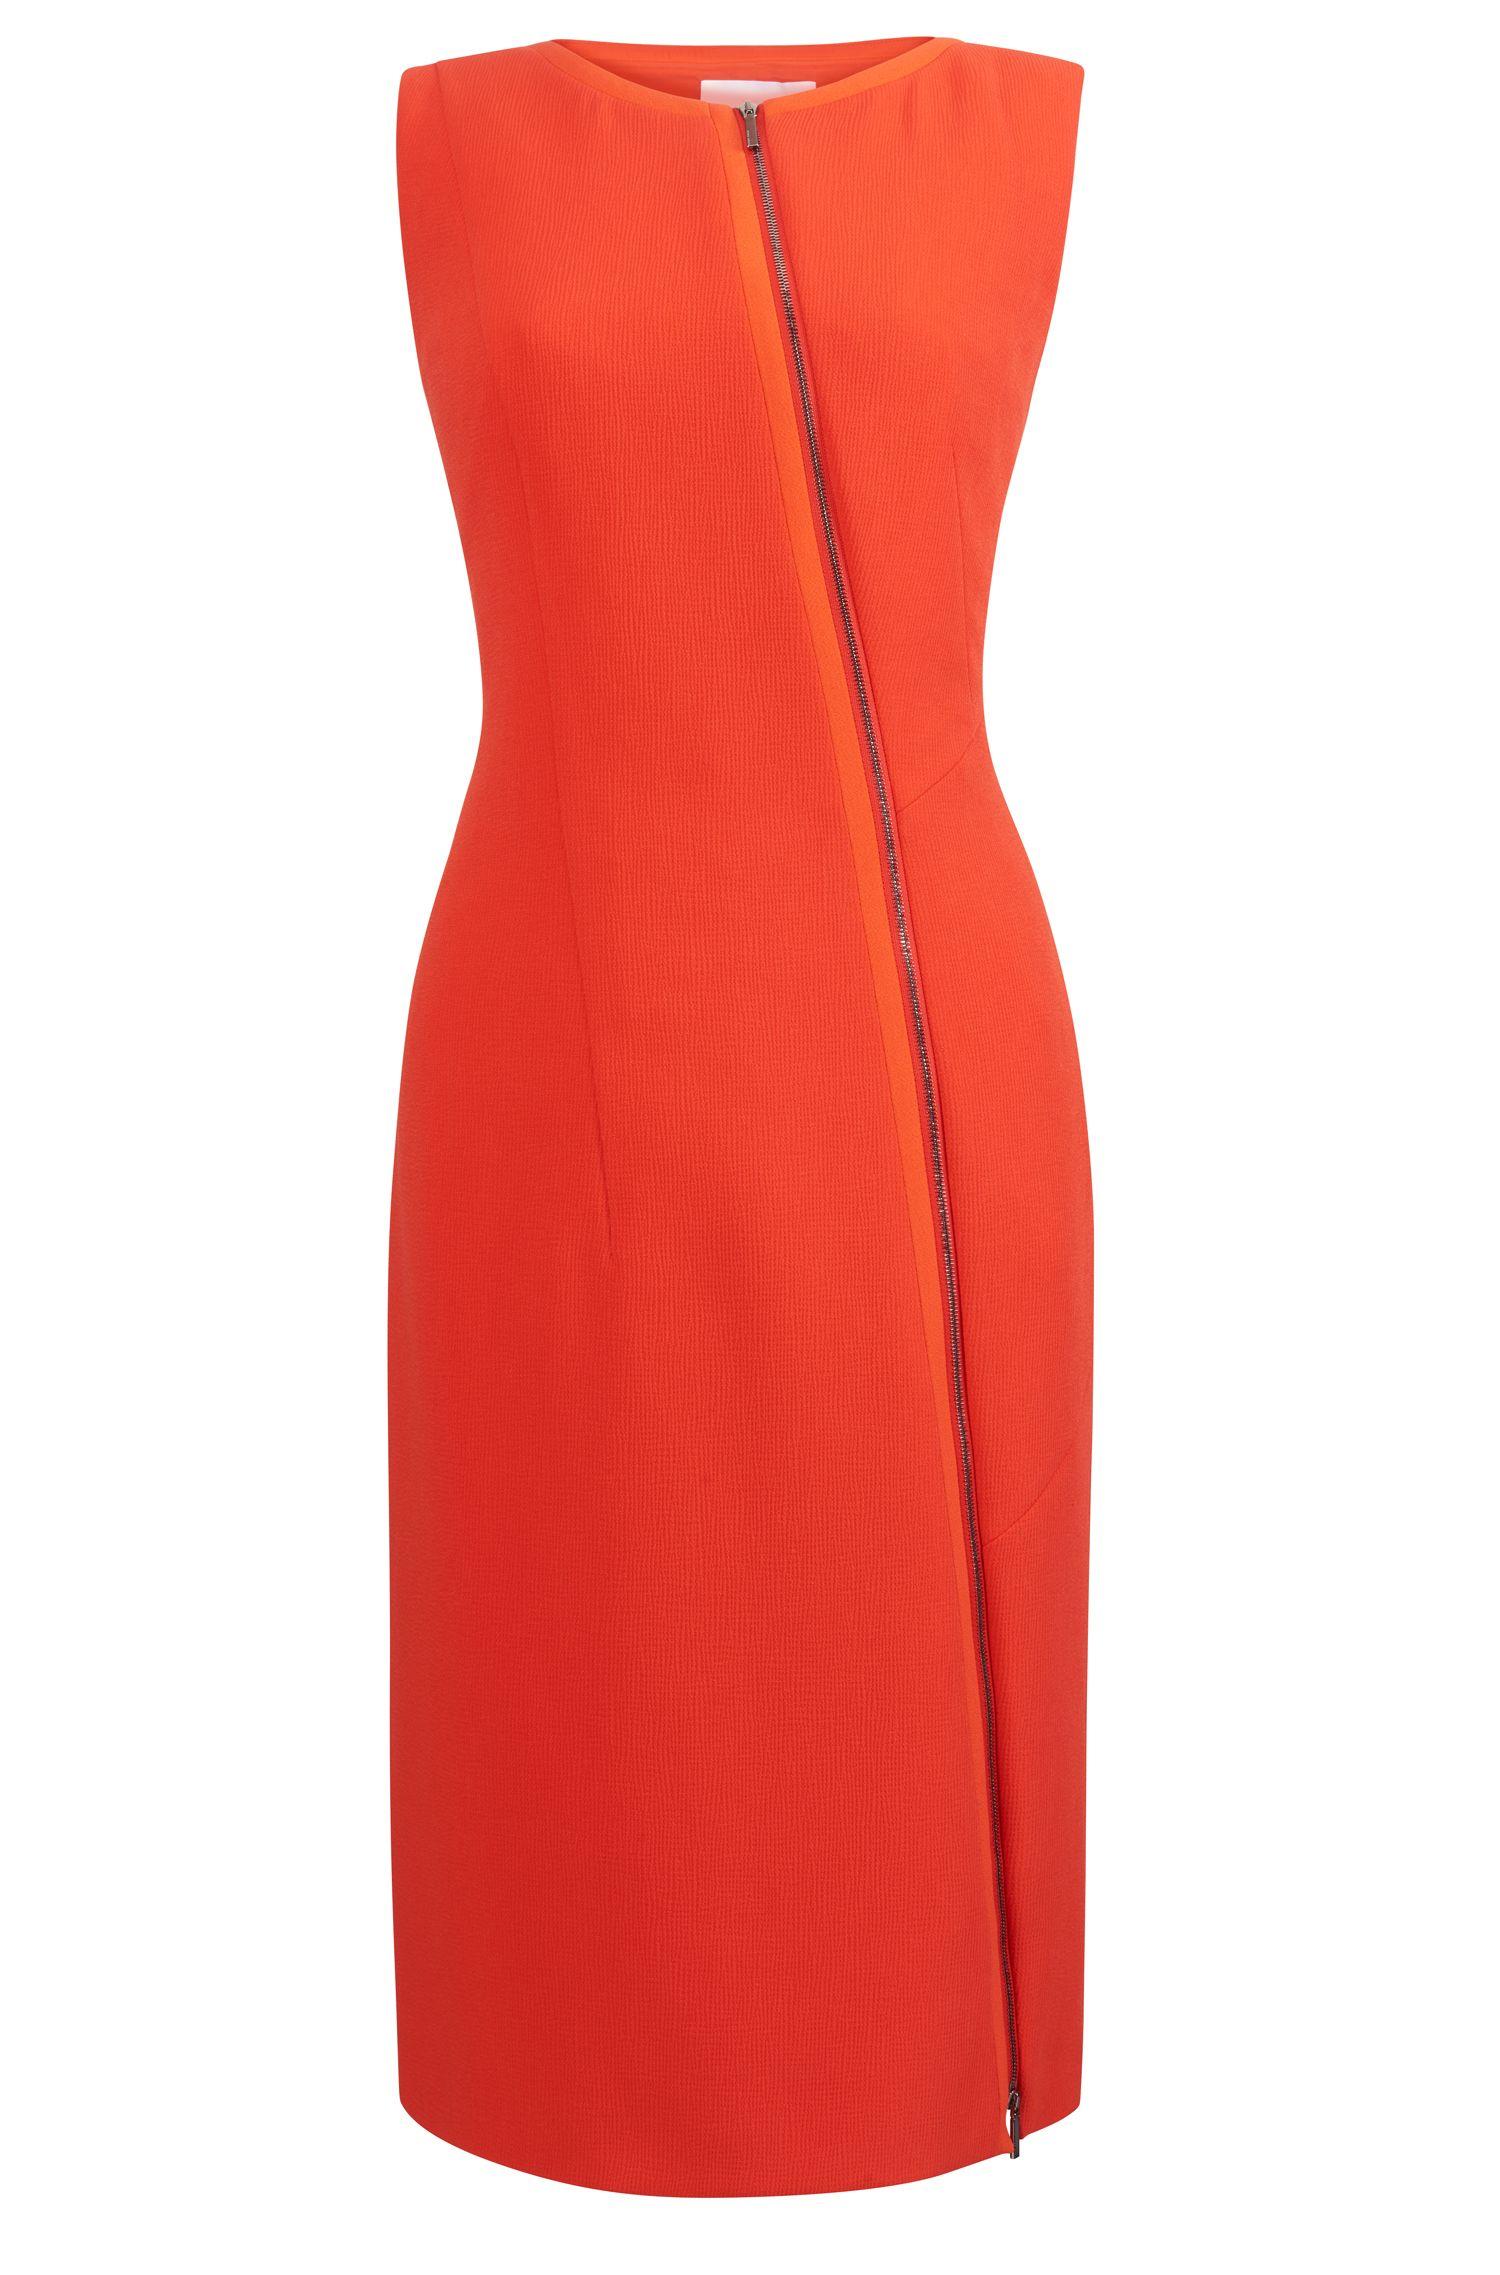 Stretch Sheath Dress | Danafea, Red